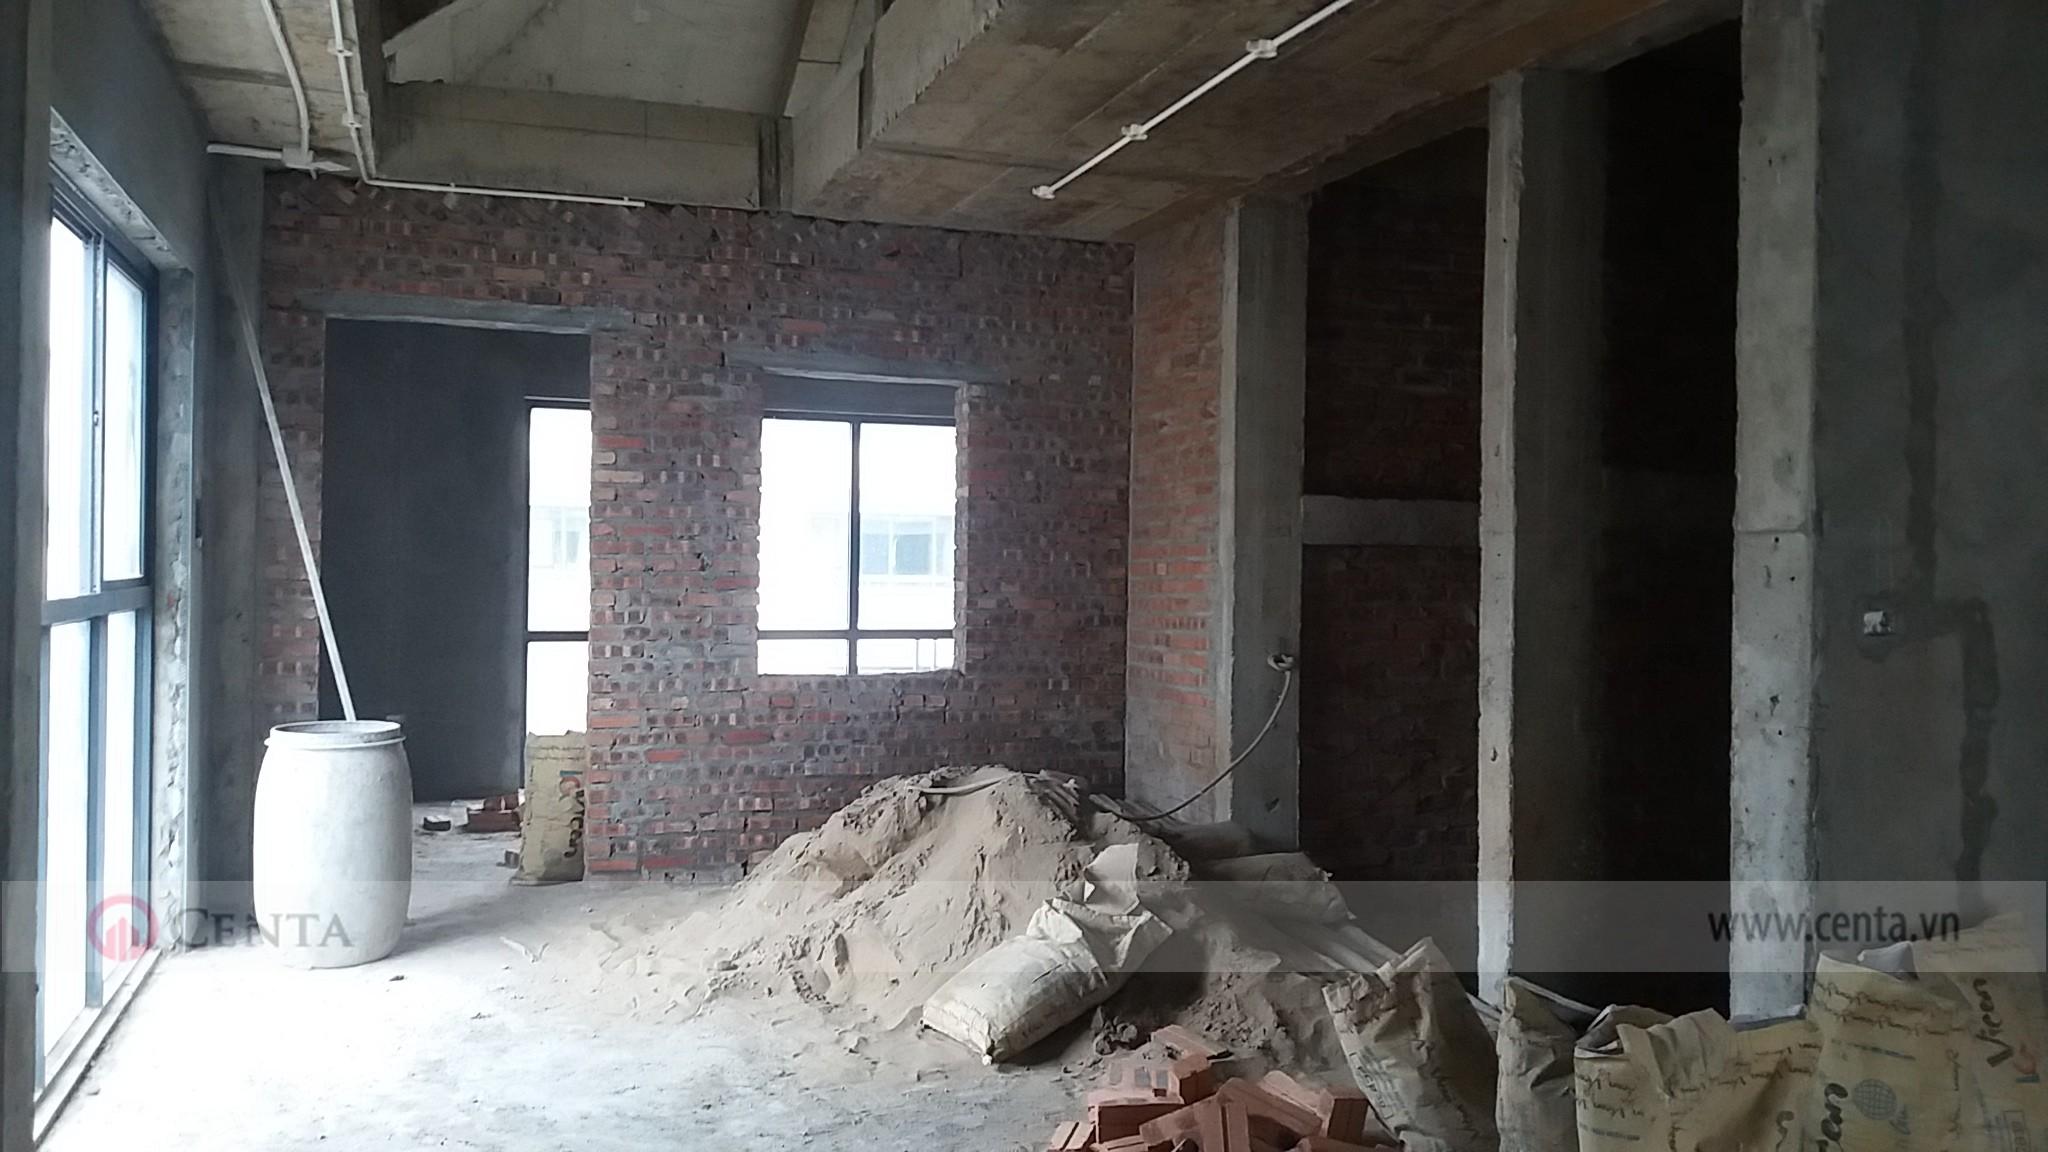 Hiện trạng chuẩn bị thi công hoàn thiện xây dựng biệt thự